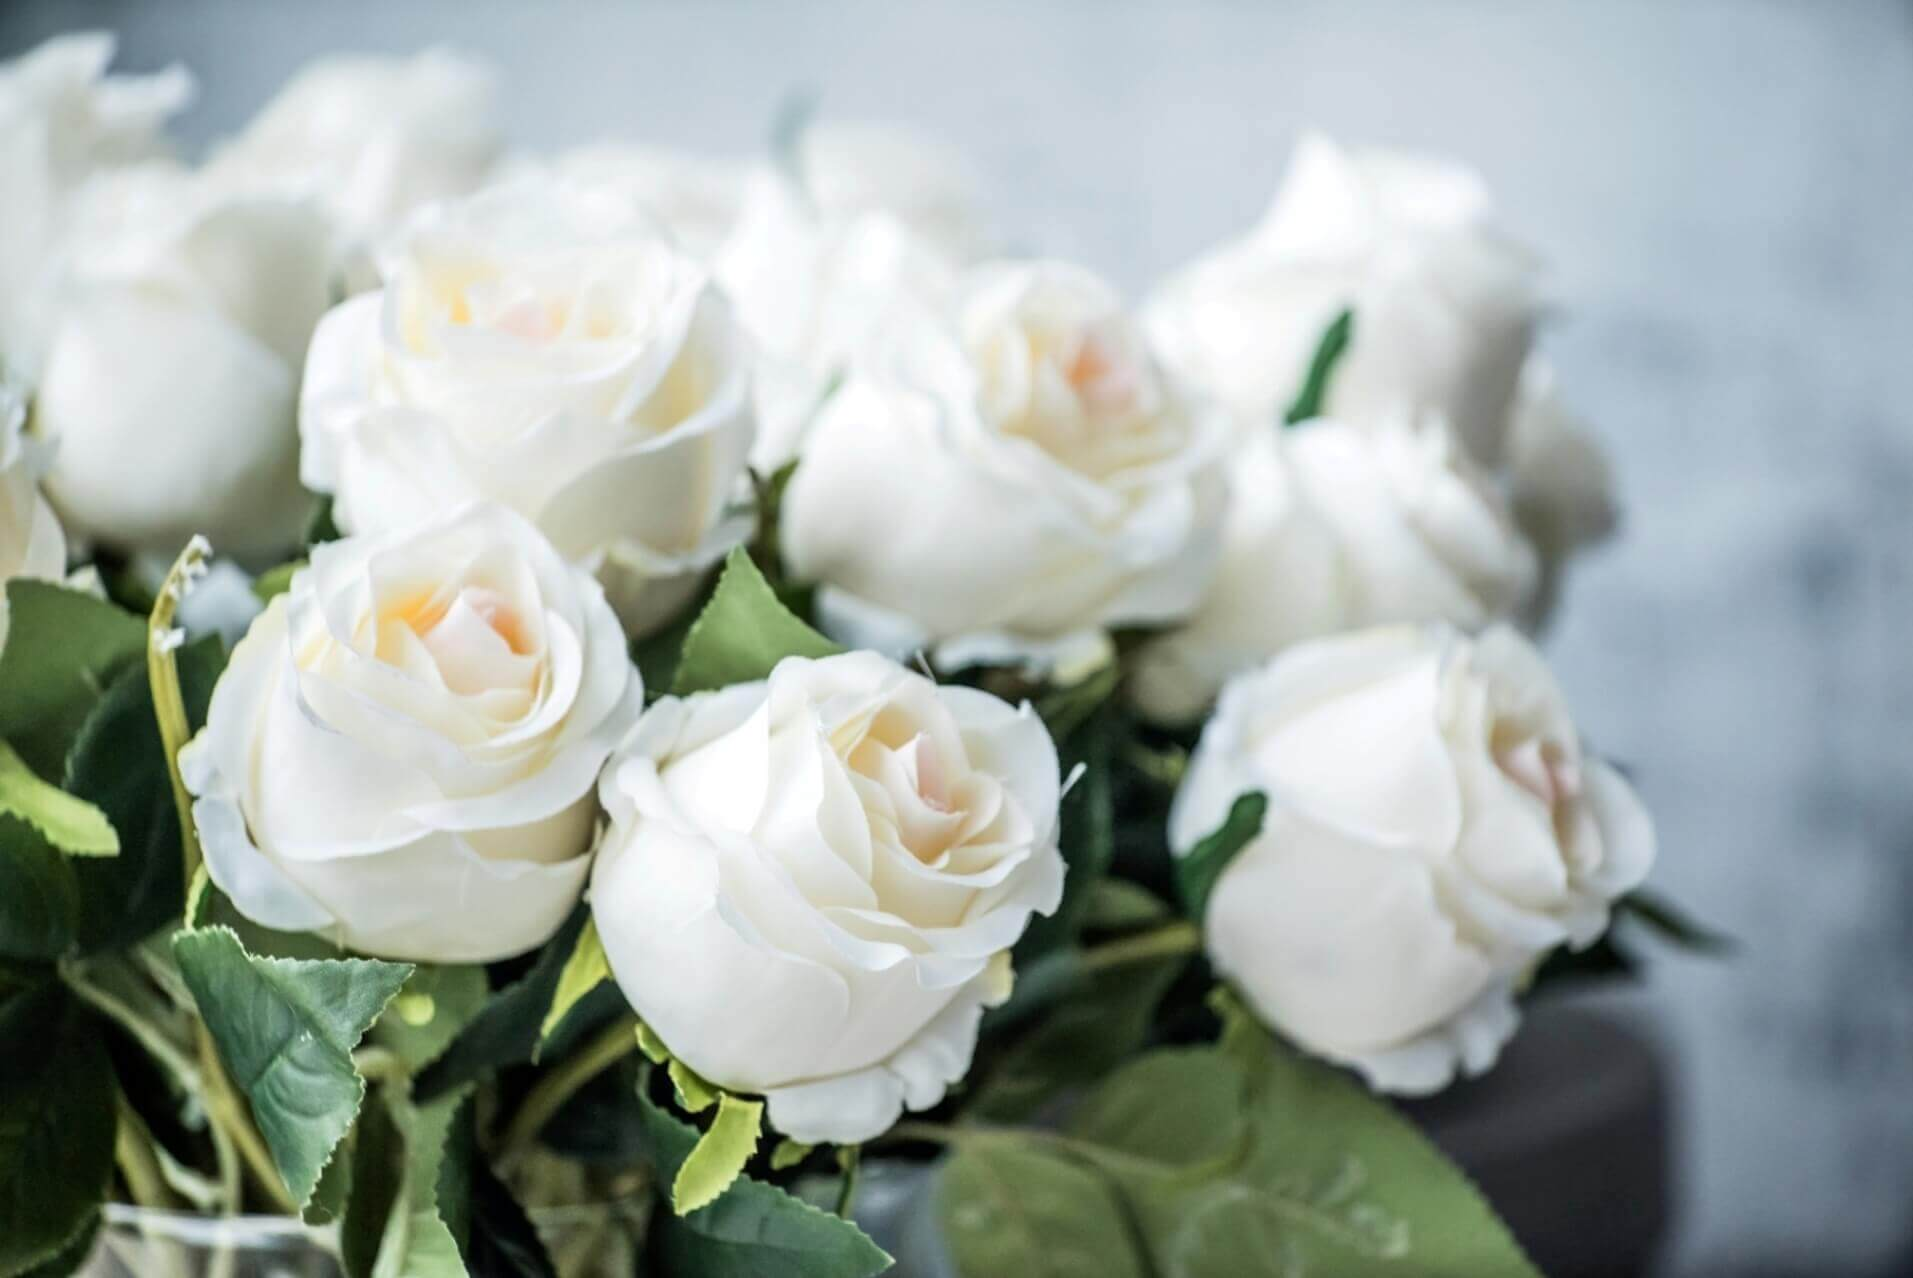 Купить белые розы в Харькове